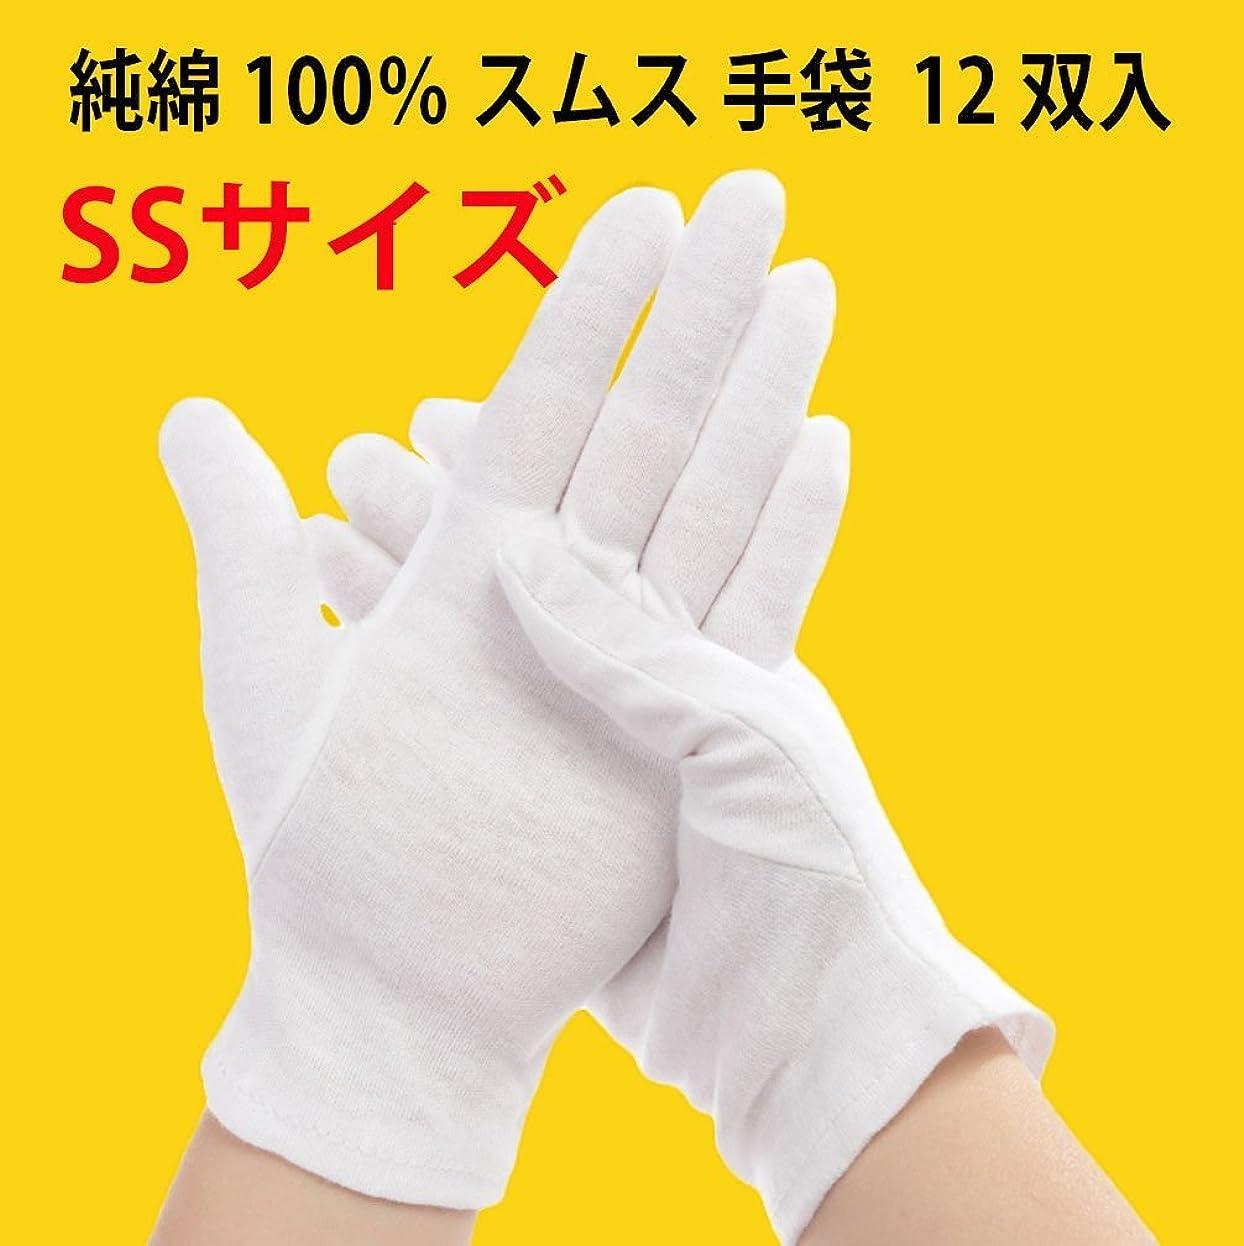 首謀者行動シュリンク純綿100% スムス 手袋 SSサイズ 12双入 子供?女性に最適 多用途 101111